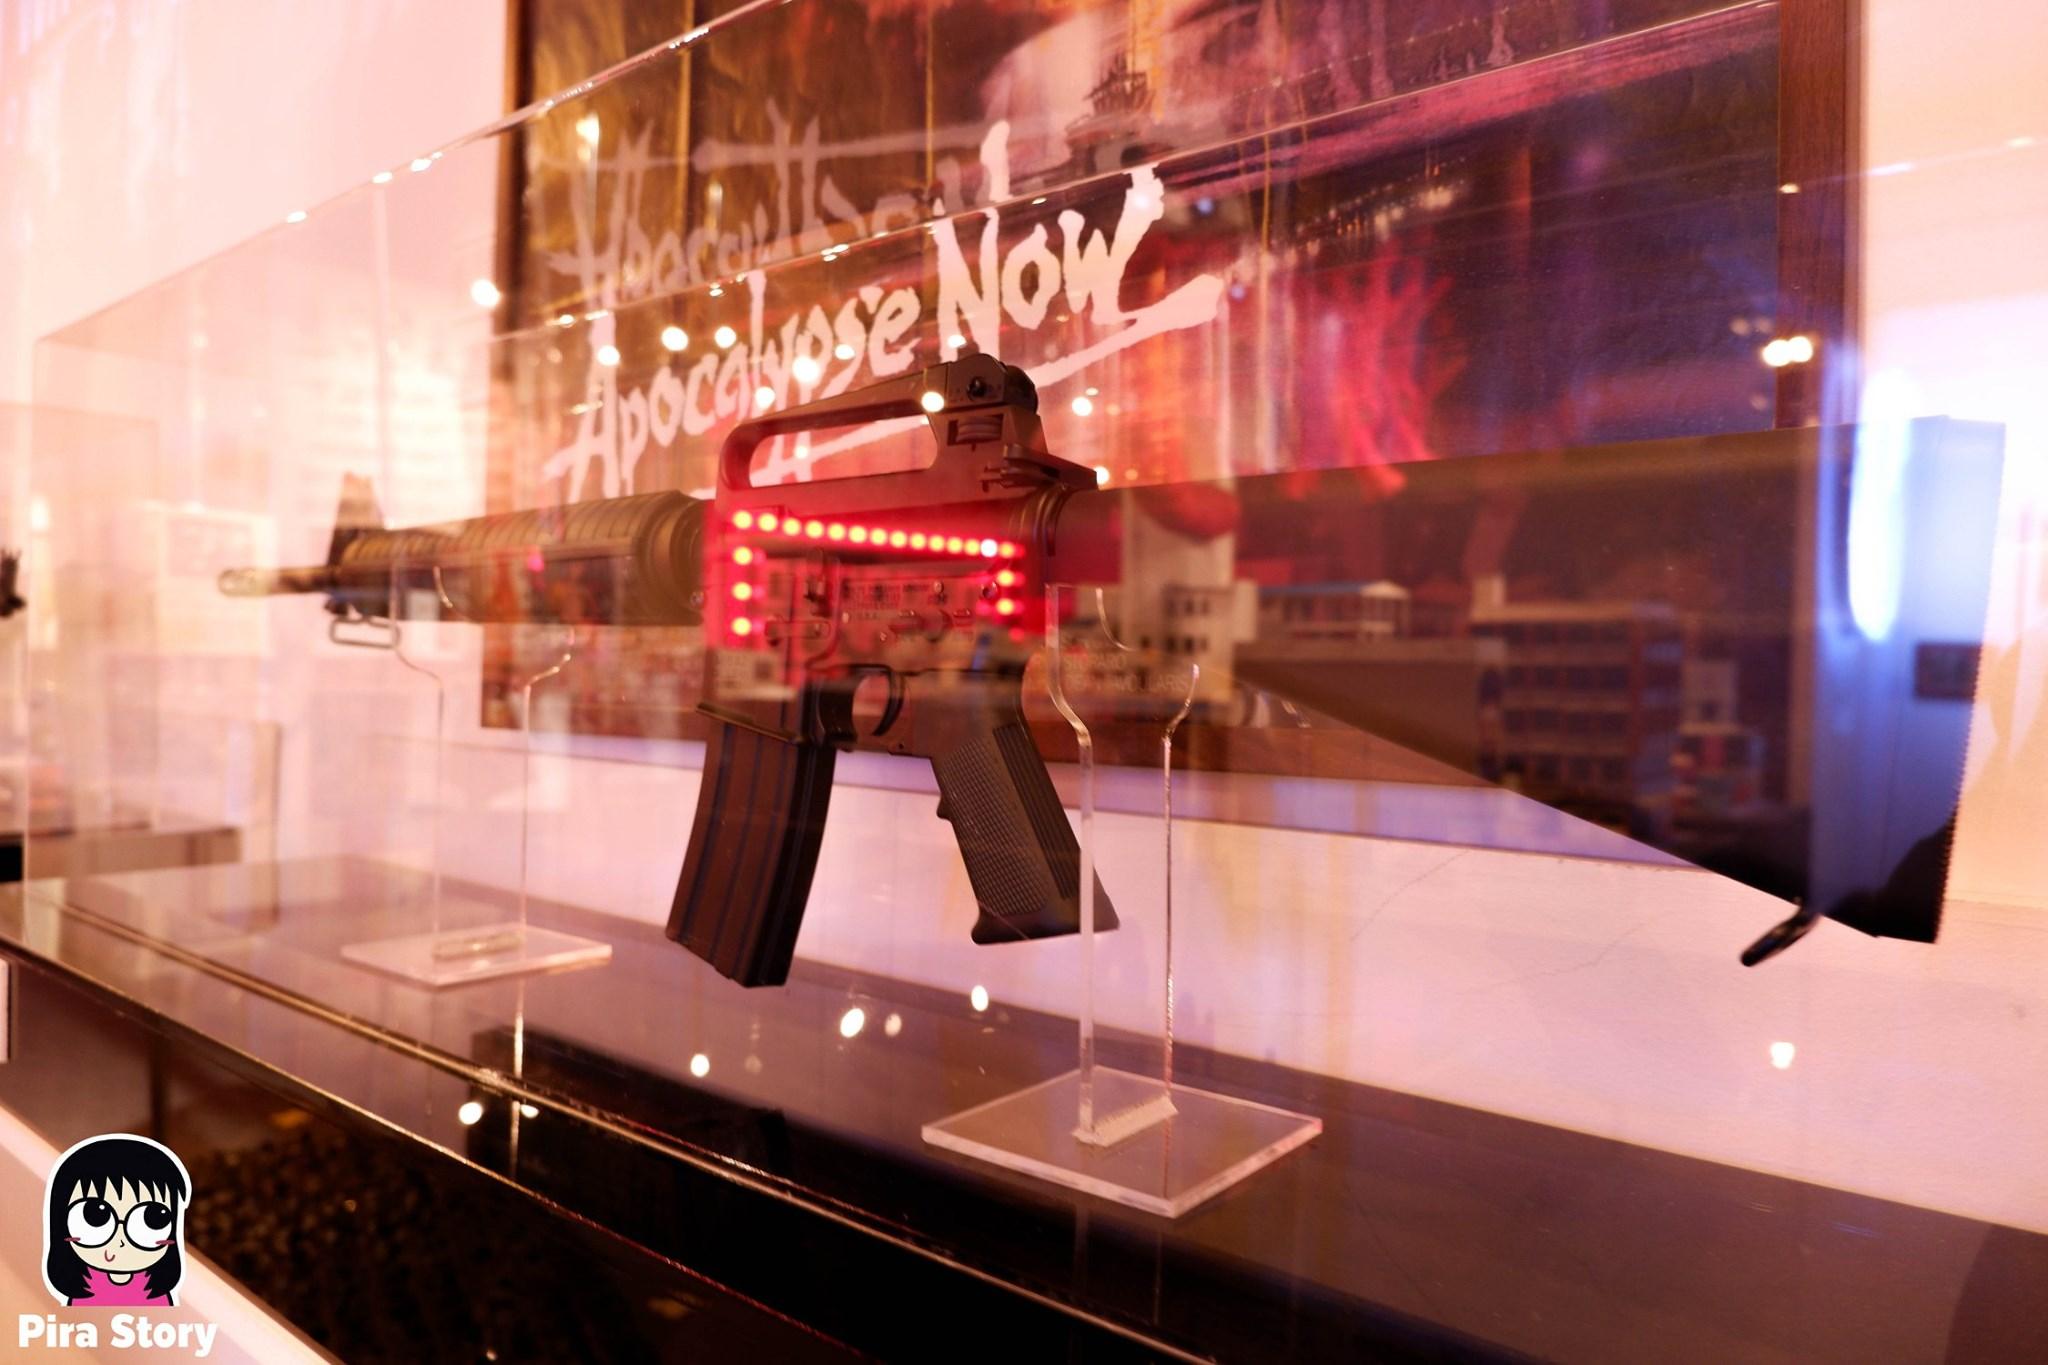 พิพิธภัณฑ์พัฒน์พงศ์ Patpong museum สถานบันเทิง บาร์ อะโกโก้ เต้นรูดเสา sex worker ค้าประเวณี โสเภณี โคมเขียว ผับ บาร์ 18+ พัฒน์พงศ์มิวเซียม pira story pirastory เที่ยวเนิร์ดๆ Tony Poe CIA ซีไอเอ ภาพยนตร์ หนัง Apocalypse Now (1979)